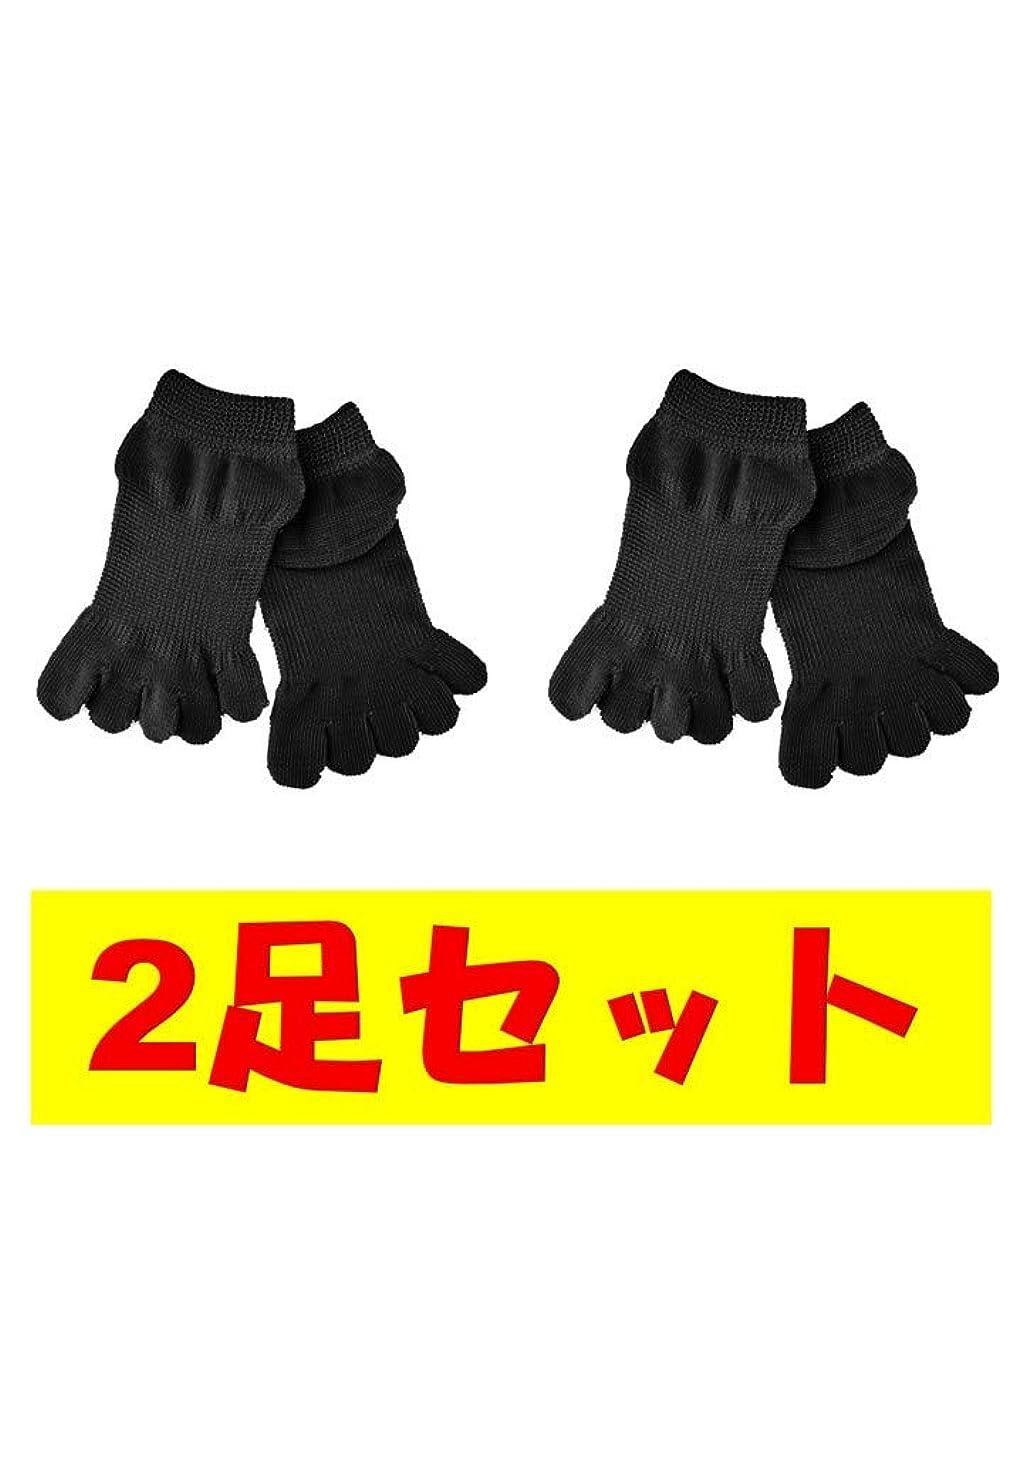 送金サスペンション電極お買い得2足セット 5本指 ゆびのばソックス ゆびのば アンクル ブラック Mサイズ 25.0cm-27.5cm YSANKL-BLK